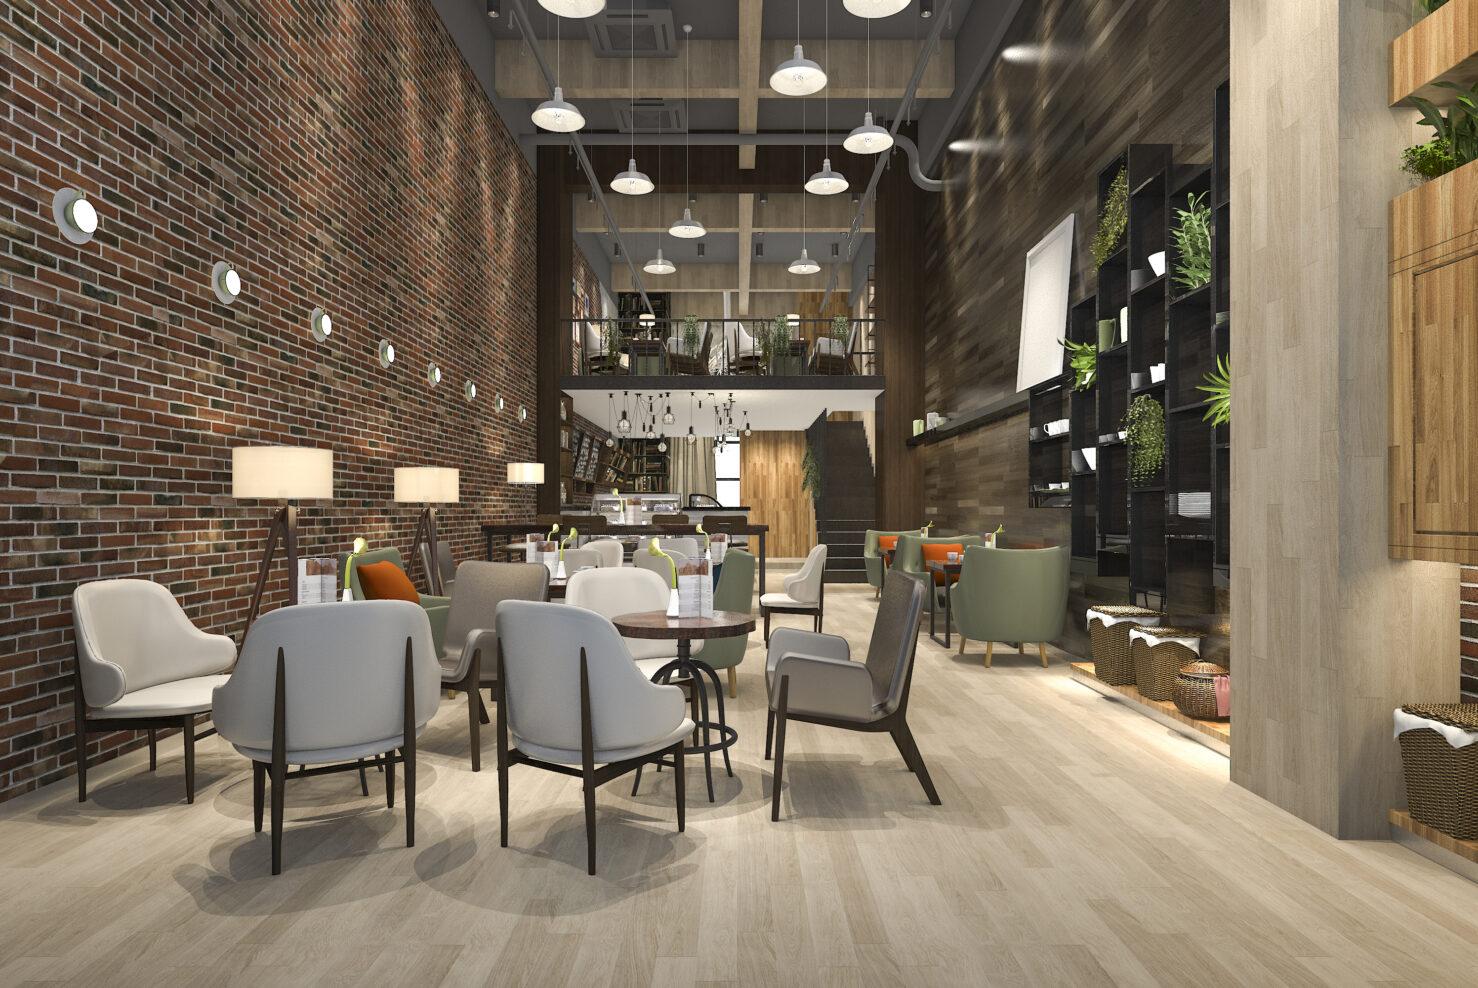 Kalfire E-one hotel lobby